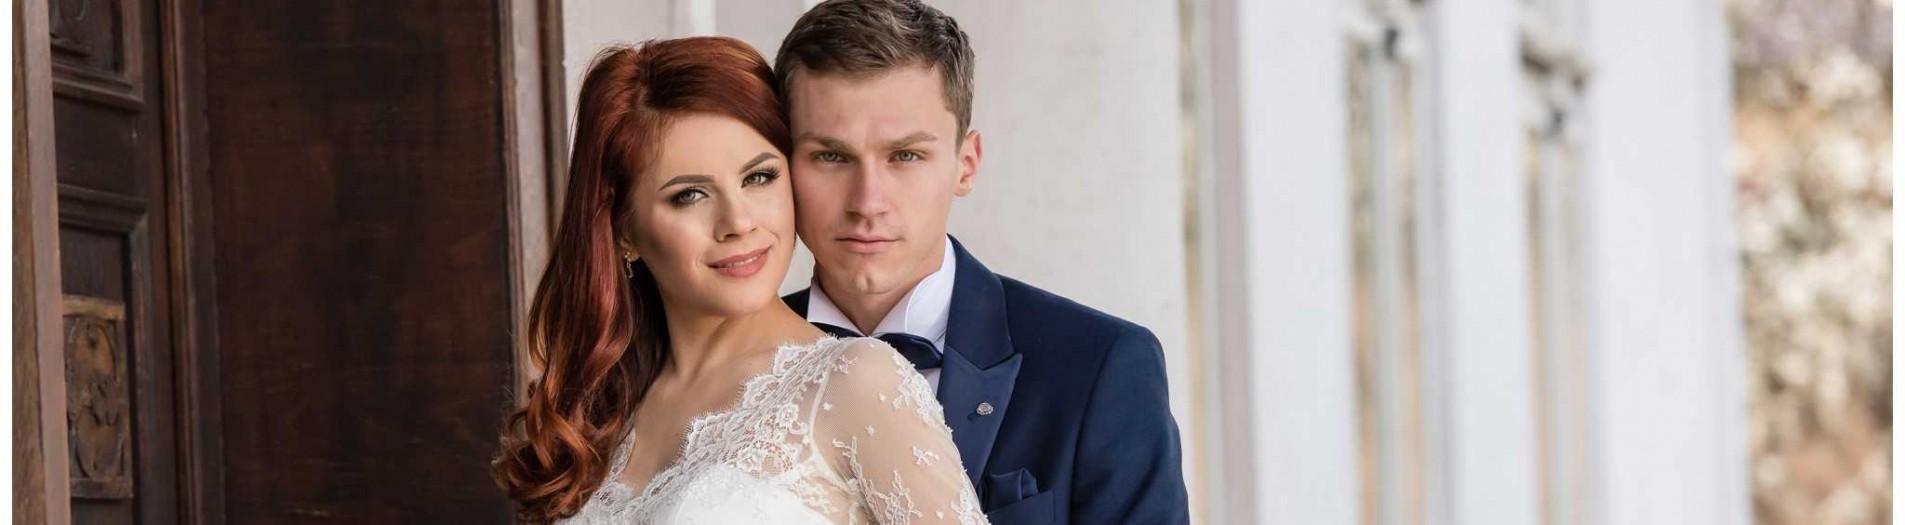 Carla & Comy - Album de nunta